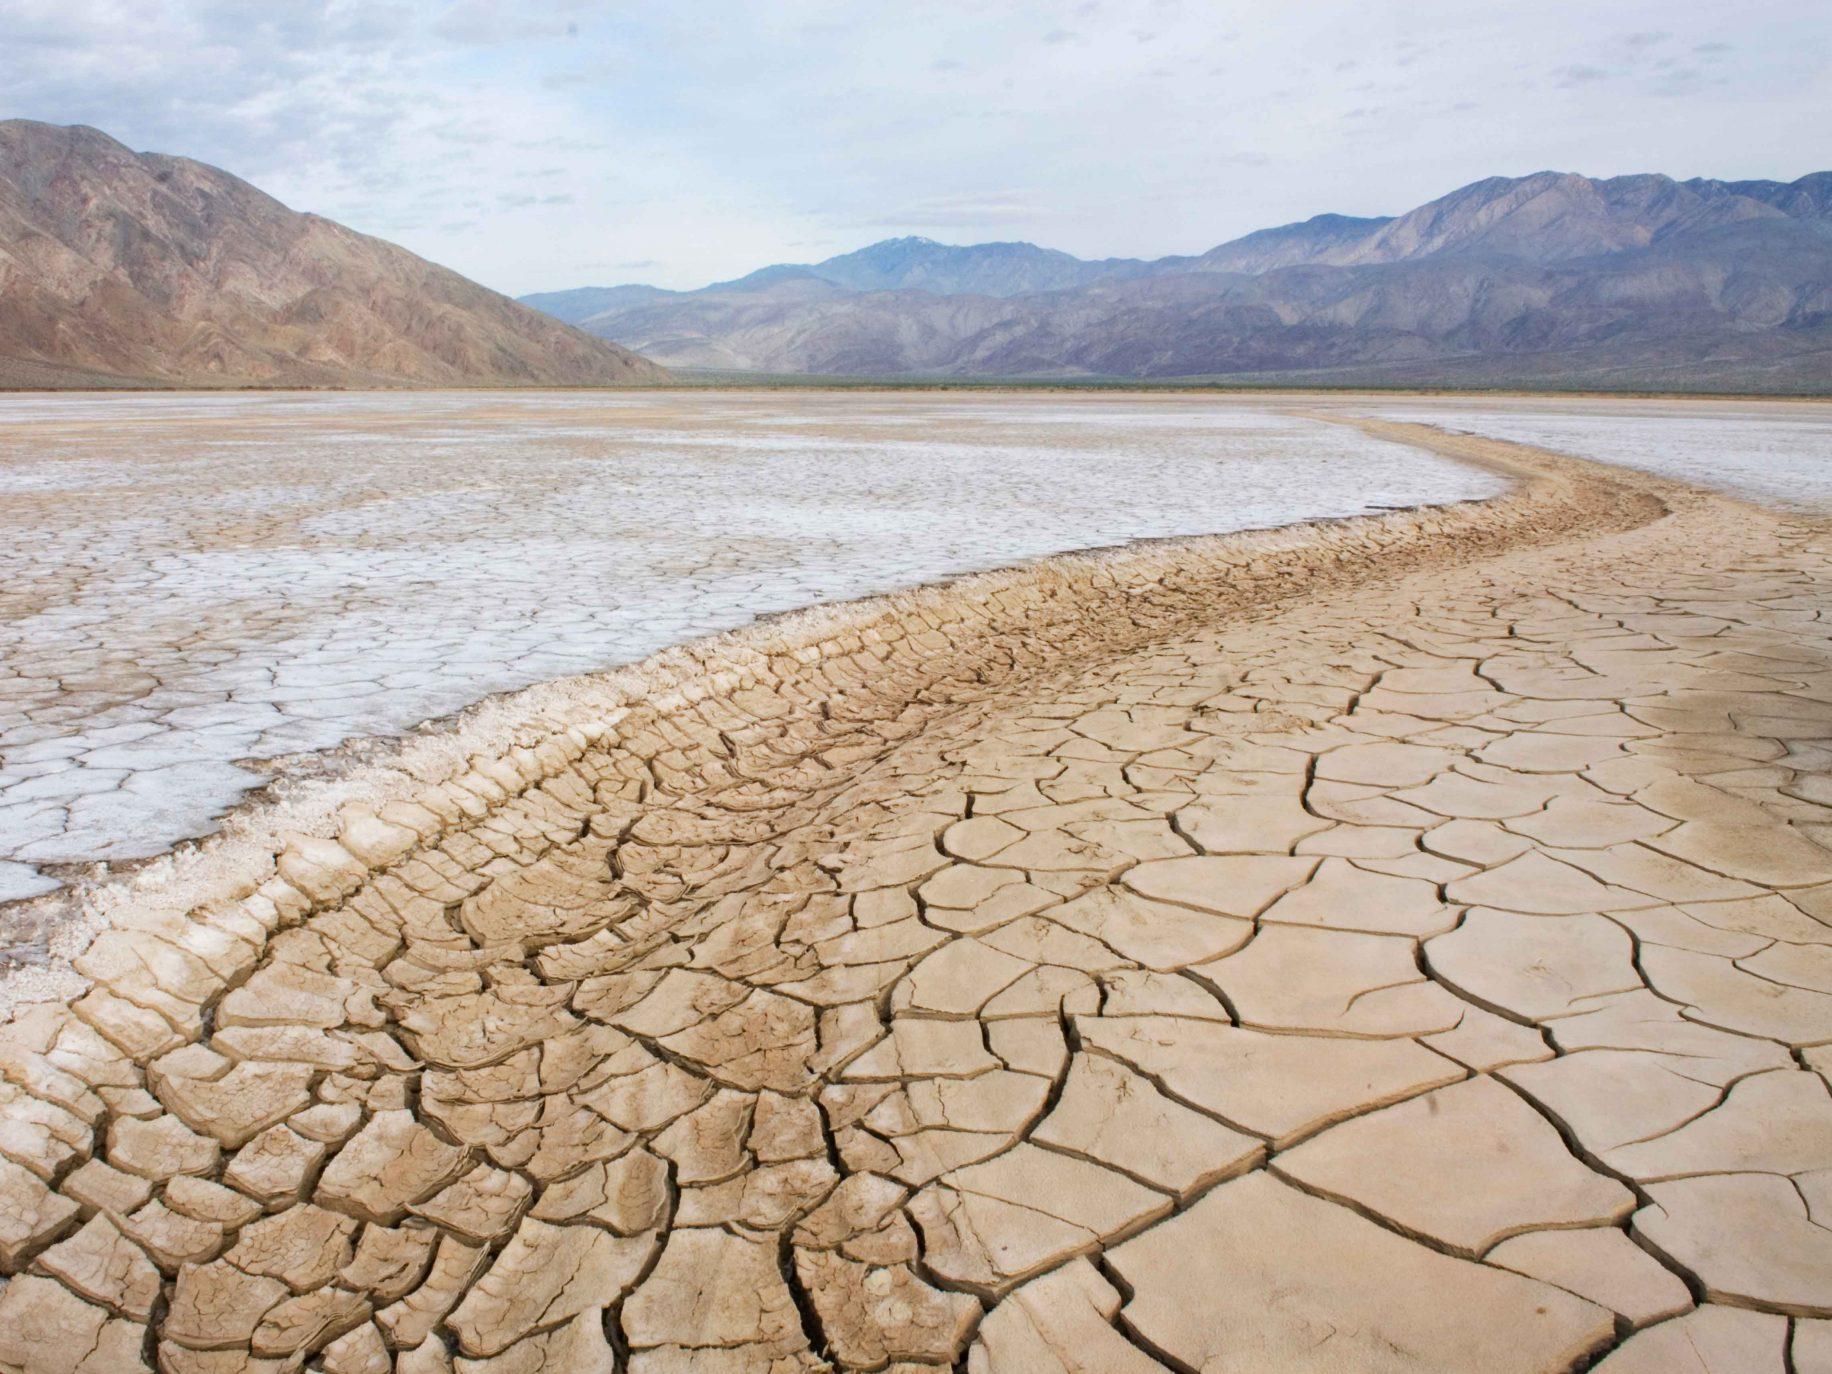 L'eau: un défi mondial que l'on ne peut ignorer